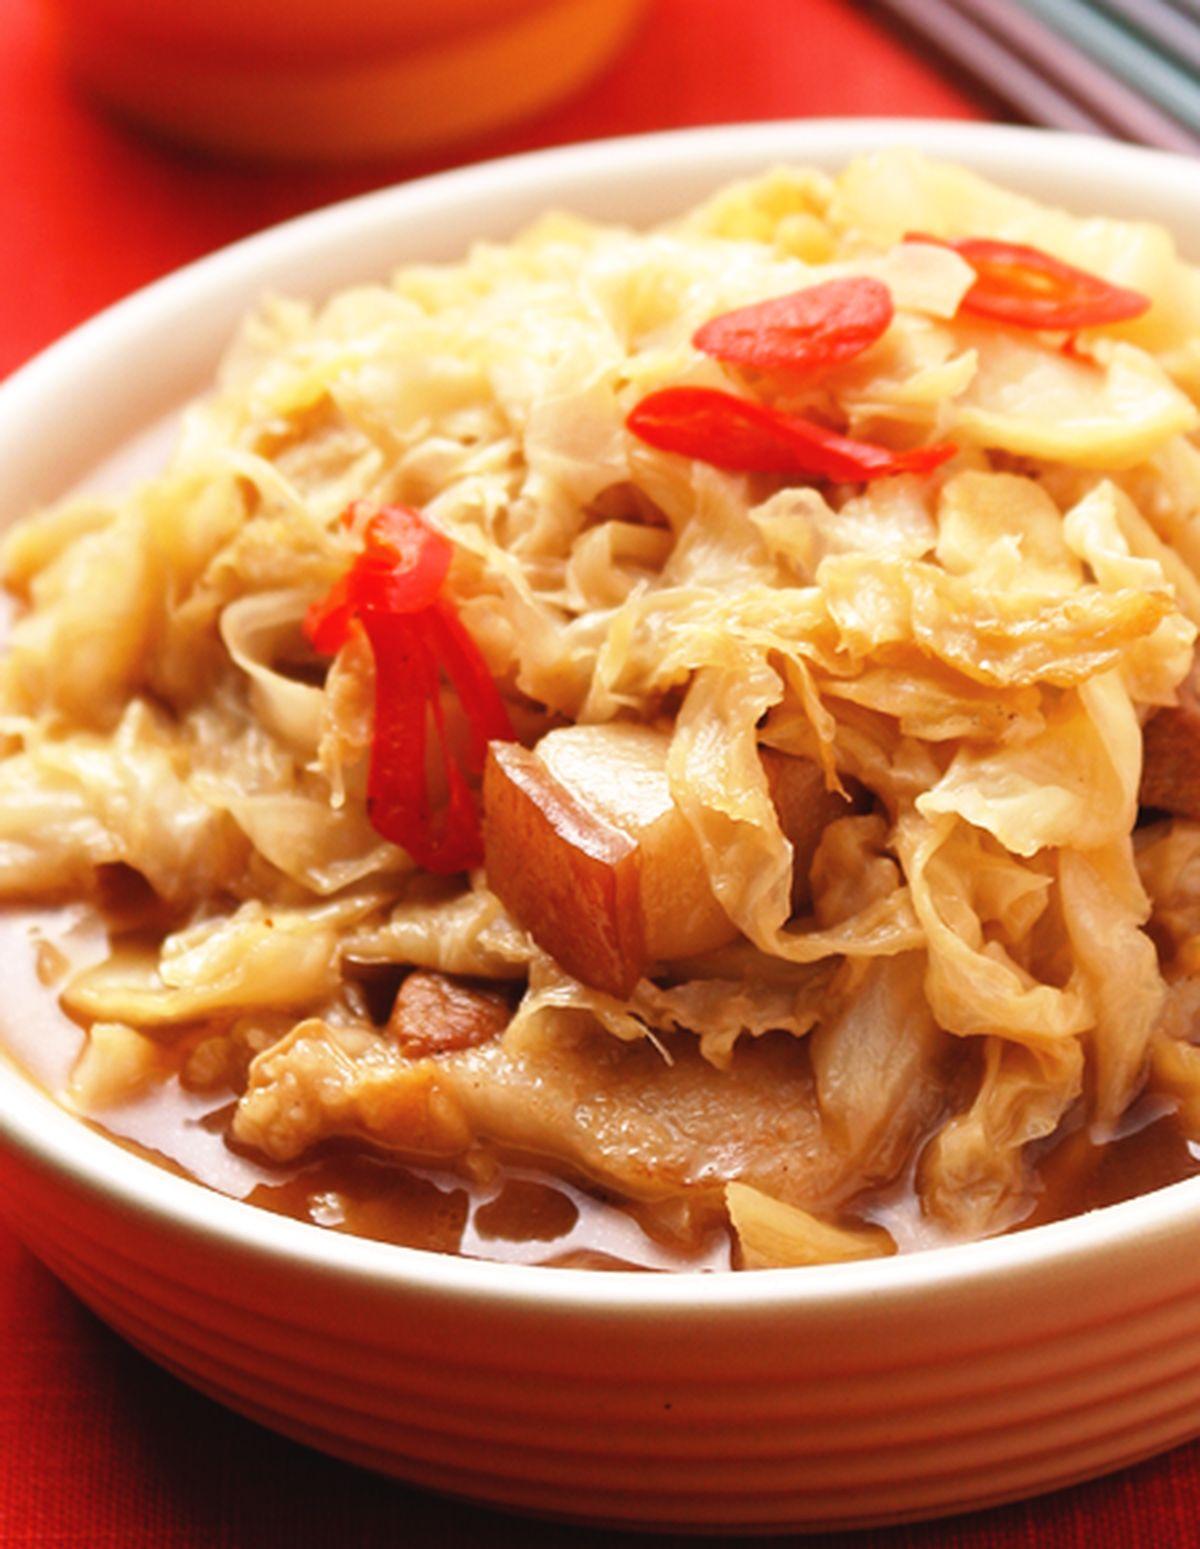 食譜:五花肉滷高麗菜乾